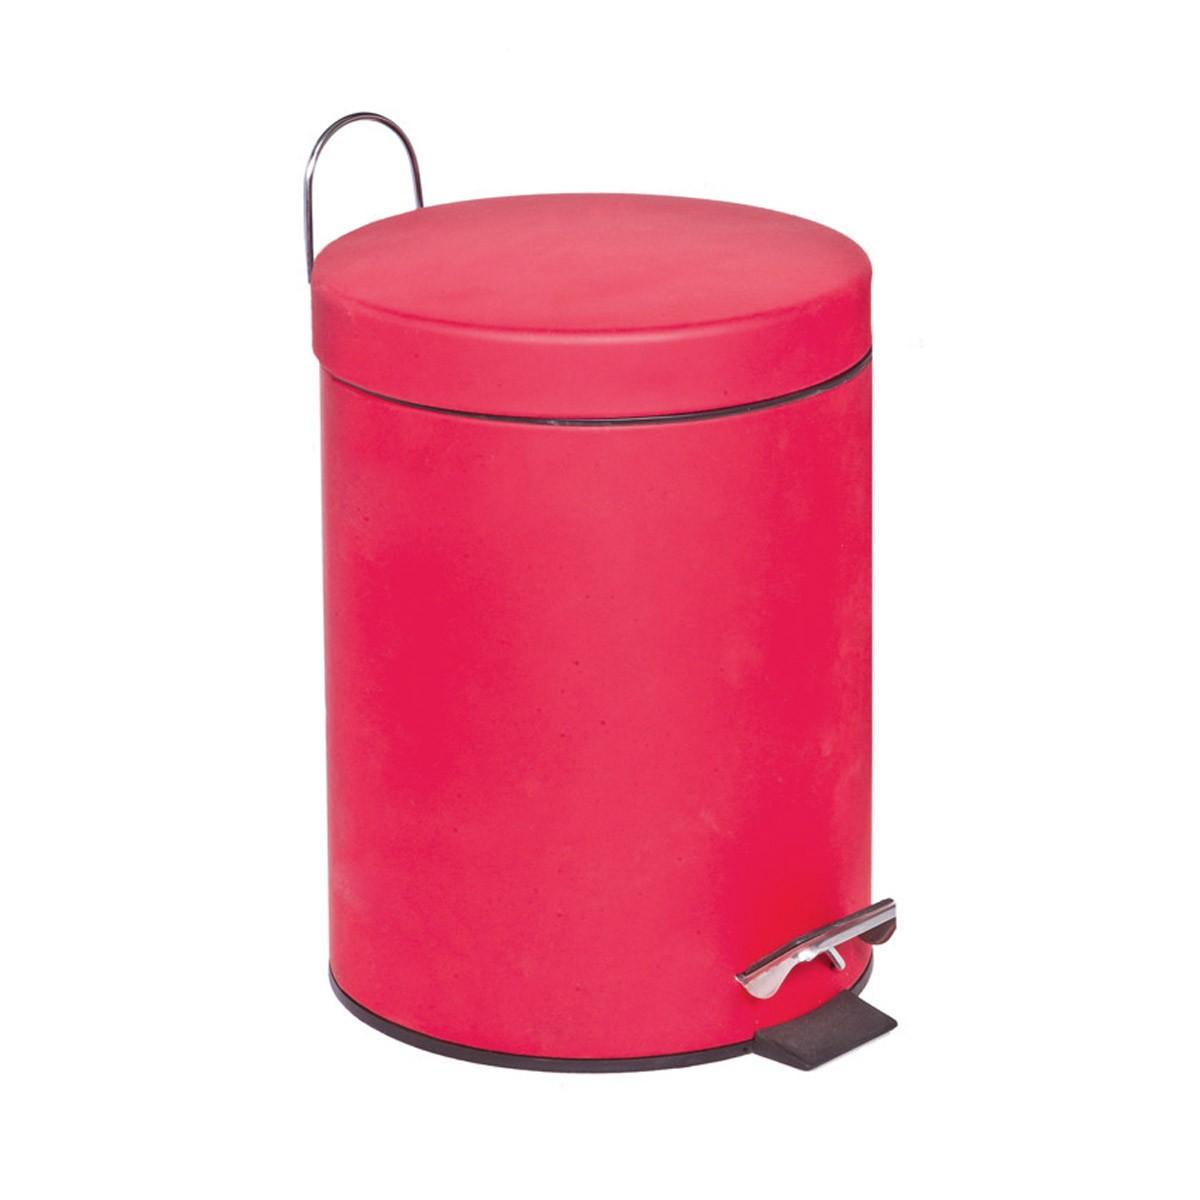 Κάδος Απορριμάτων (20x28) Marva 5Lit Rubber Red 531039 home   μπάνιο   κάδοι απορριμμάτων